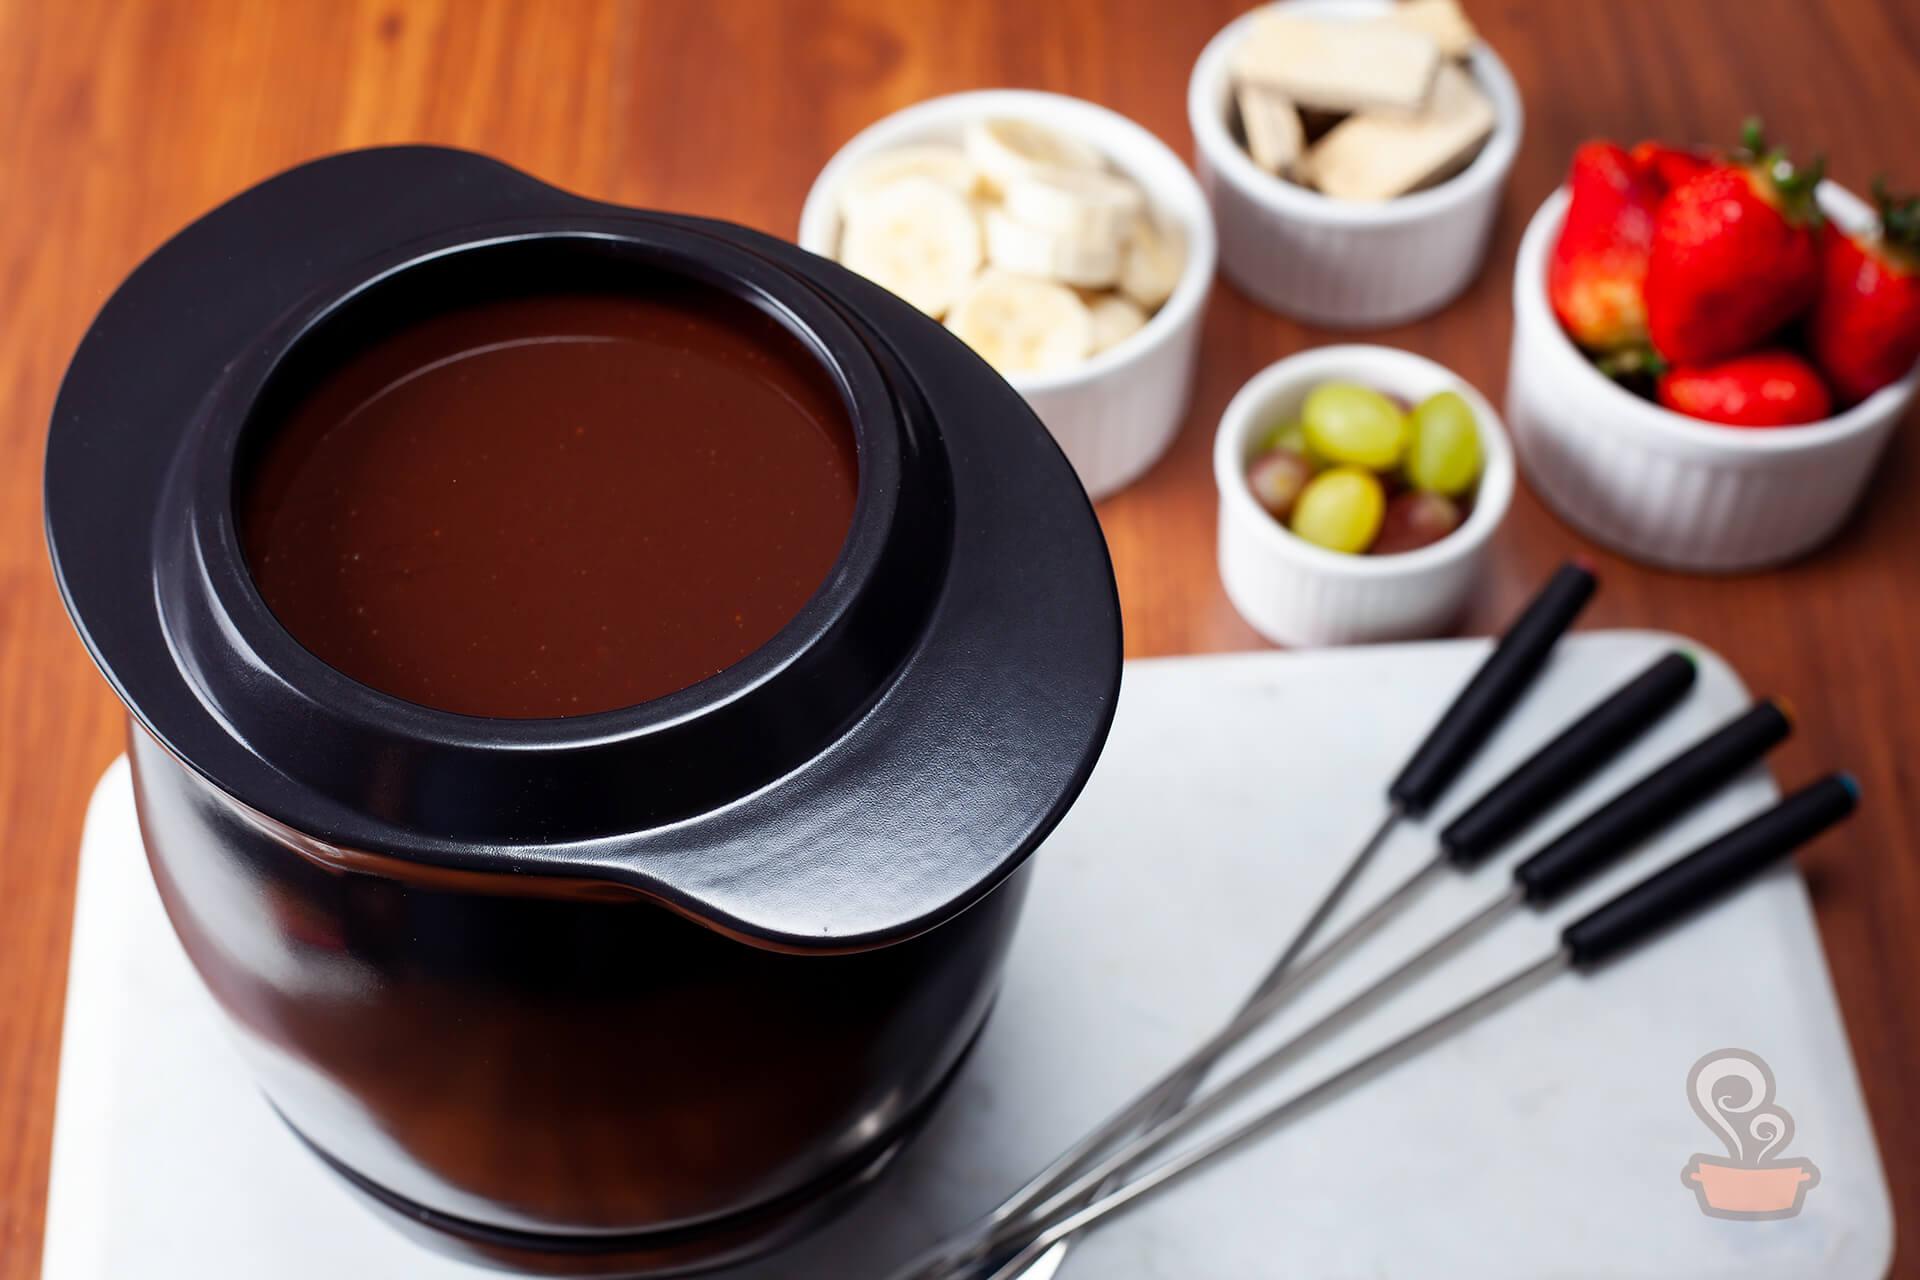 fondue de chocolate perfeito - foto: naminhapanela.com